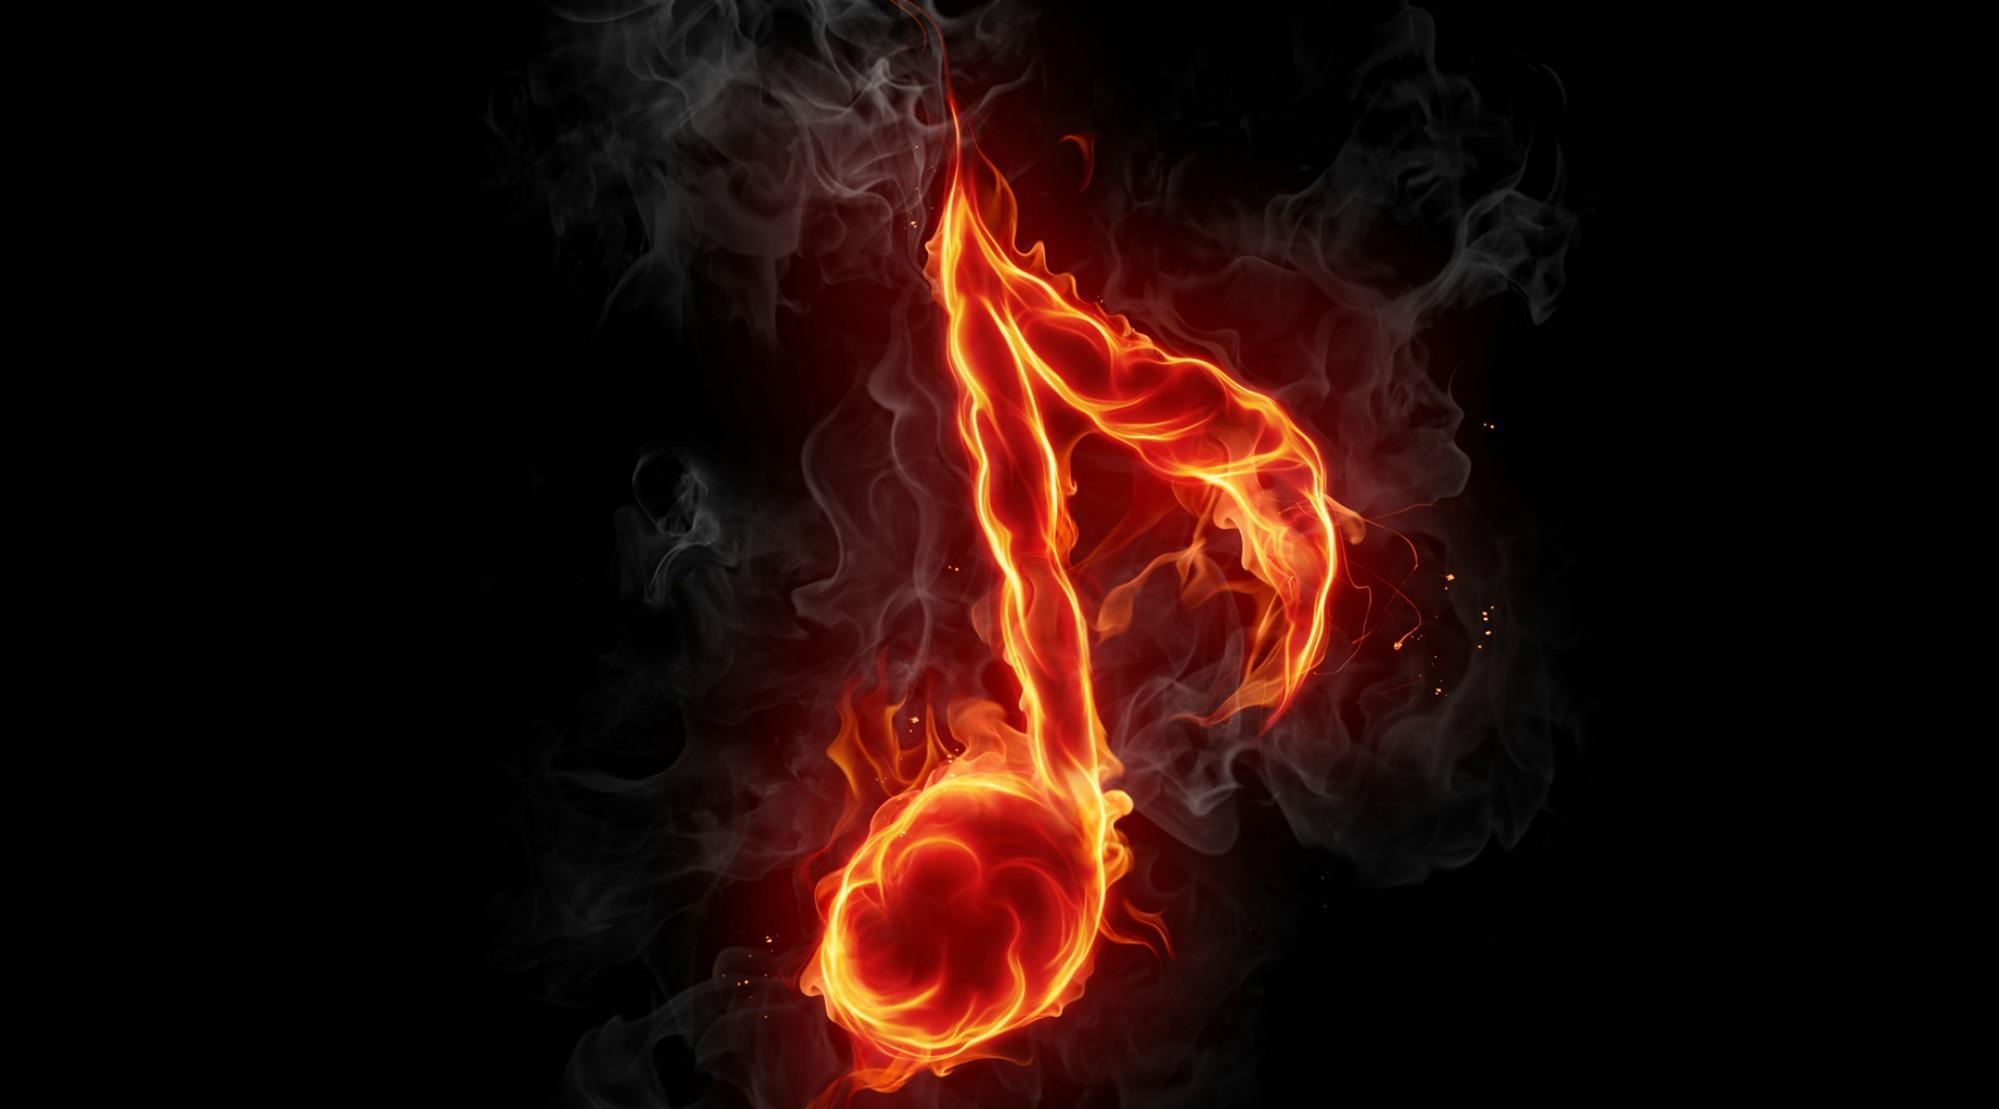 Hình nền nốt nhạc lửa cực đẹp